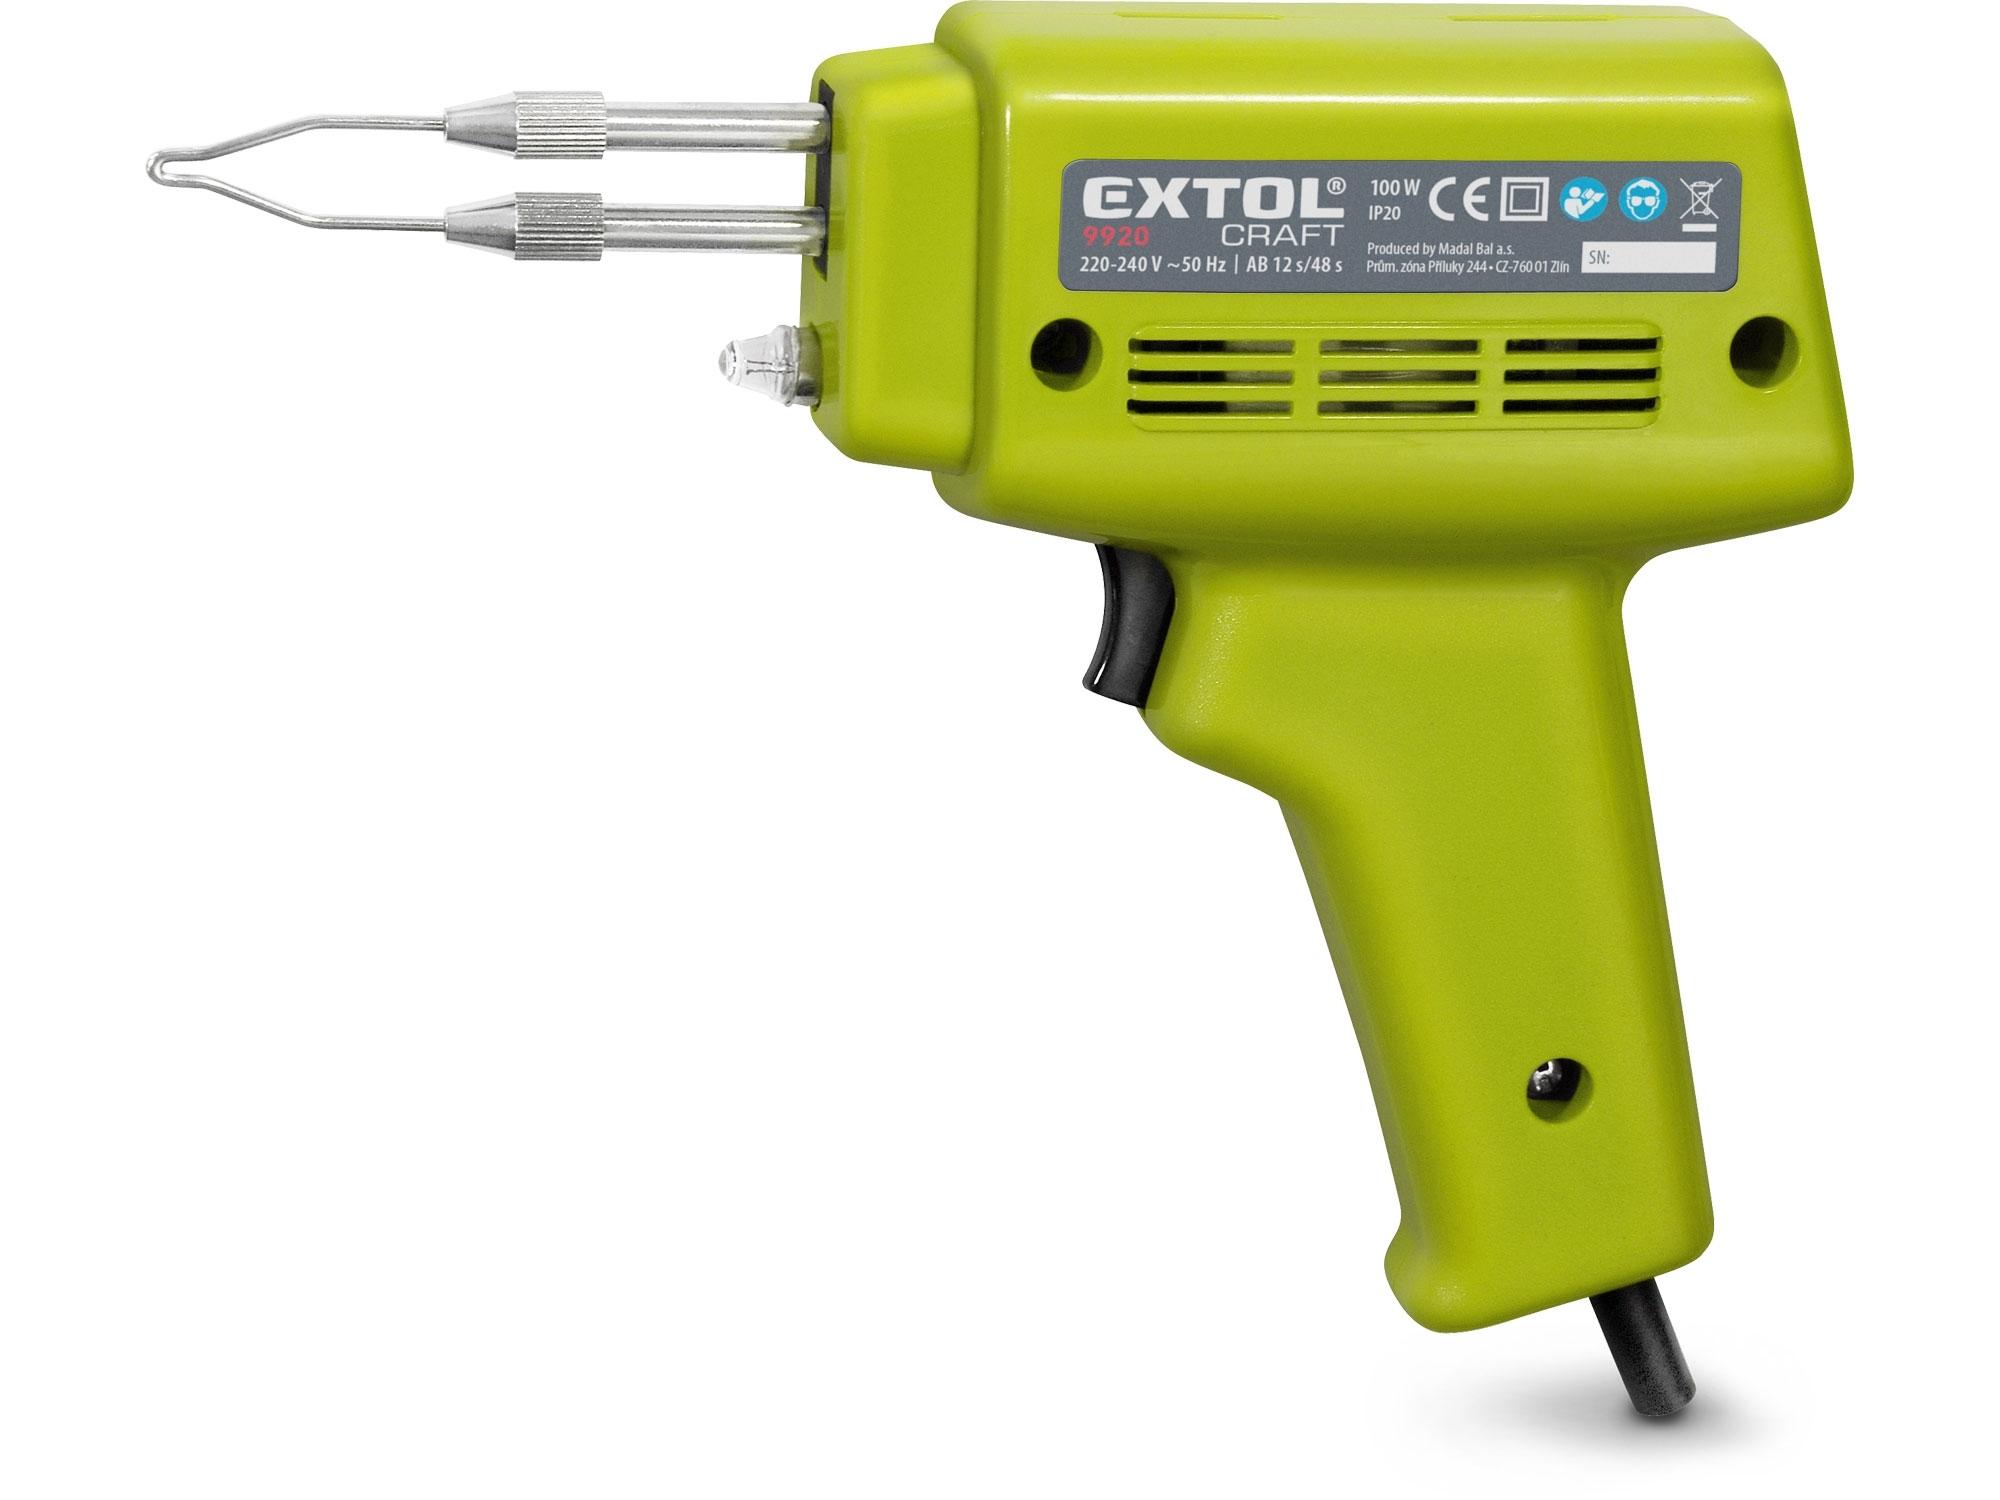 pistole pájecí transformátorová, 100W, EXTOL CRAFT 9920